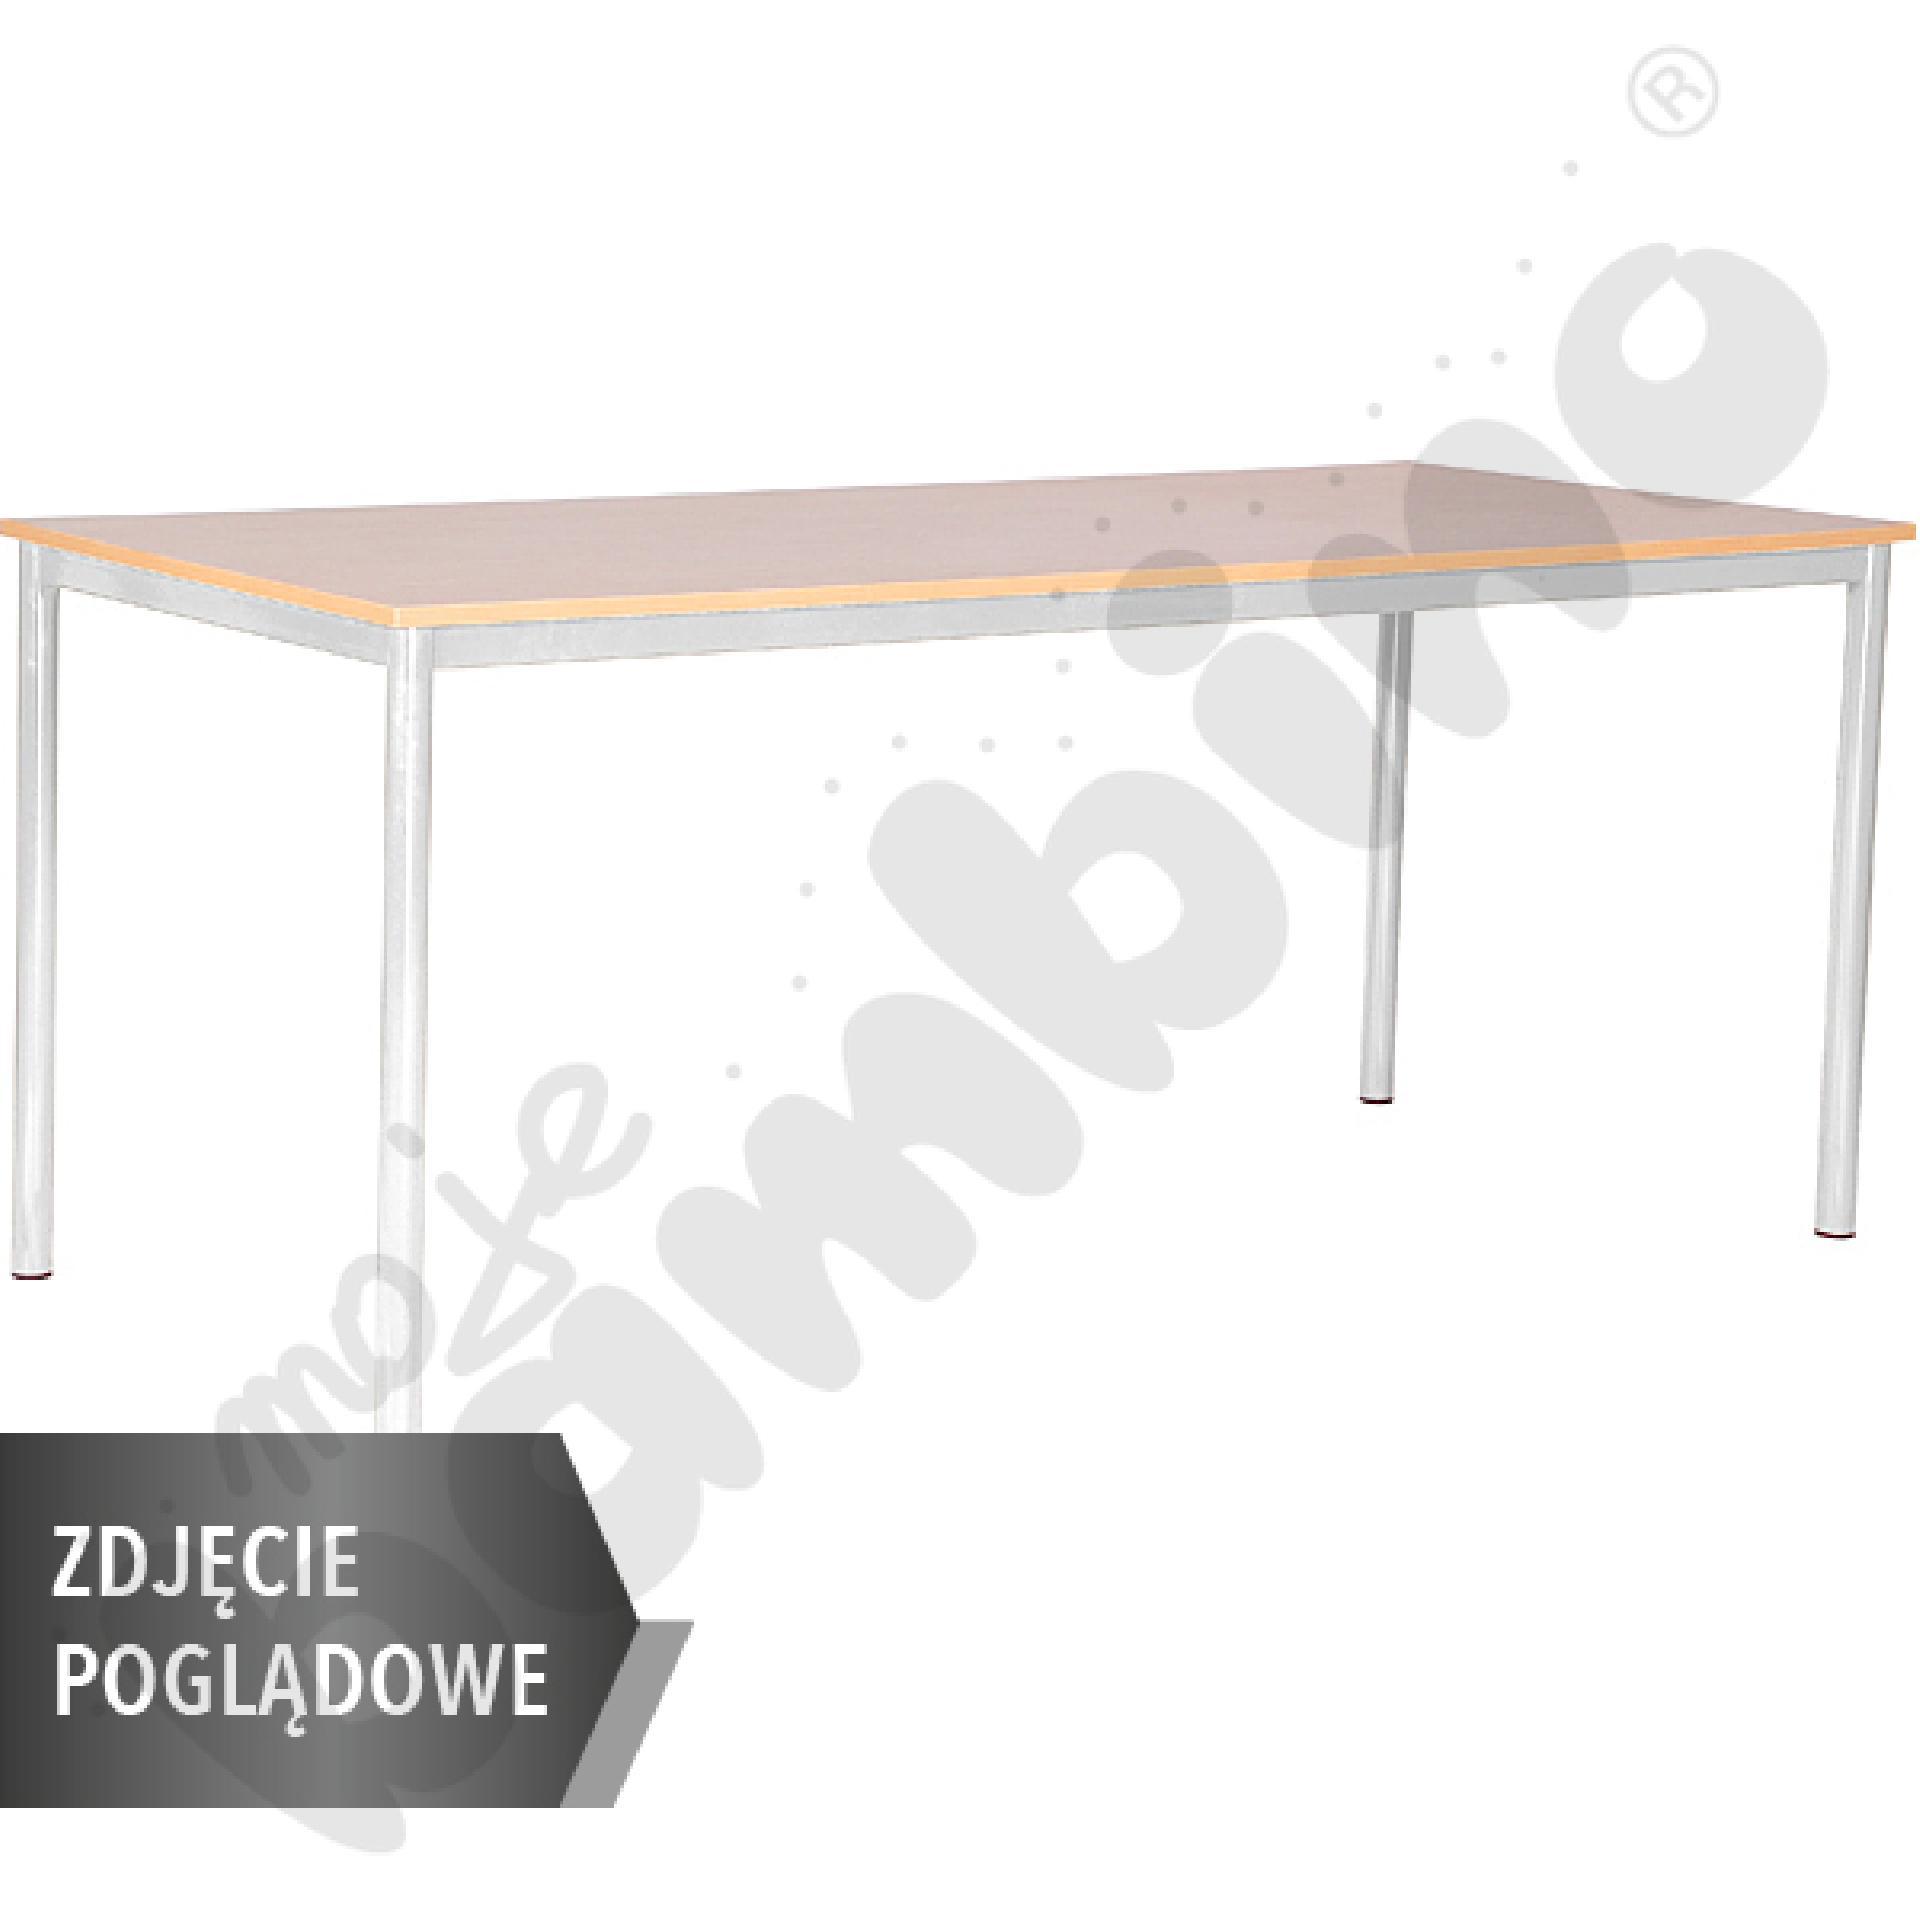 Stół Mila 180x80 rozm. 6, 8os., stelaż zielony, blat szary, obrzeże ABS, narożniki proste